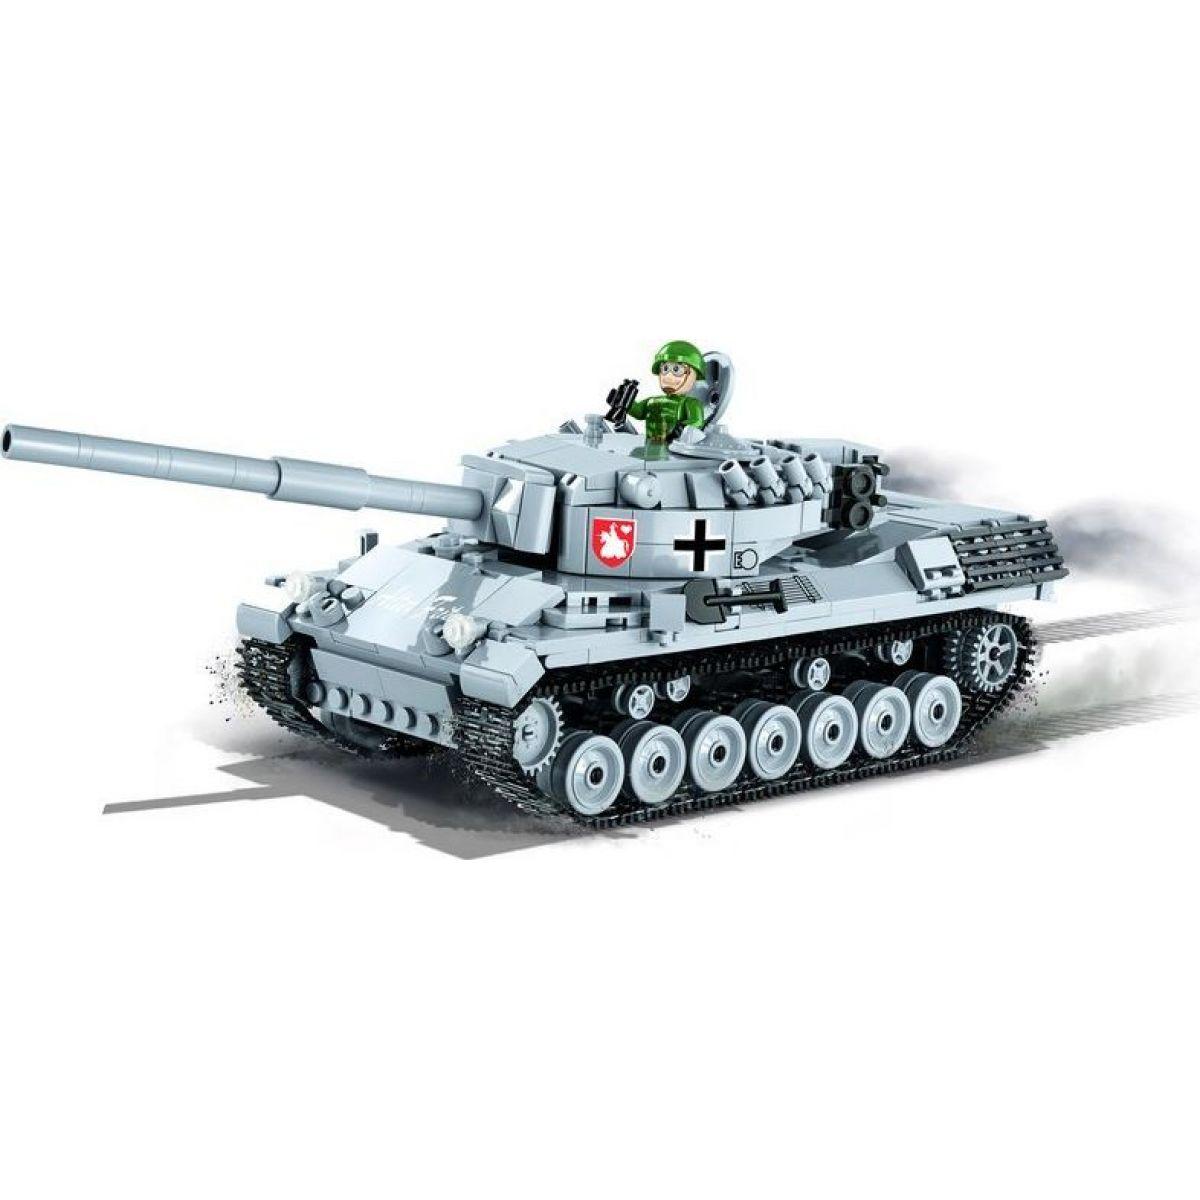 Cobi Malá armáda 3037 World of Tanks Leopard I - Poškodený obal